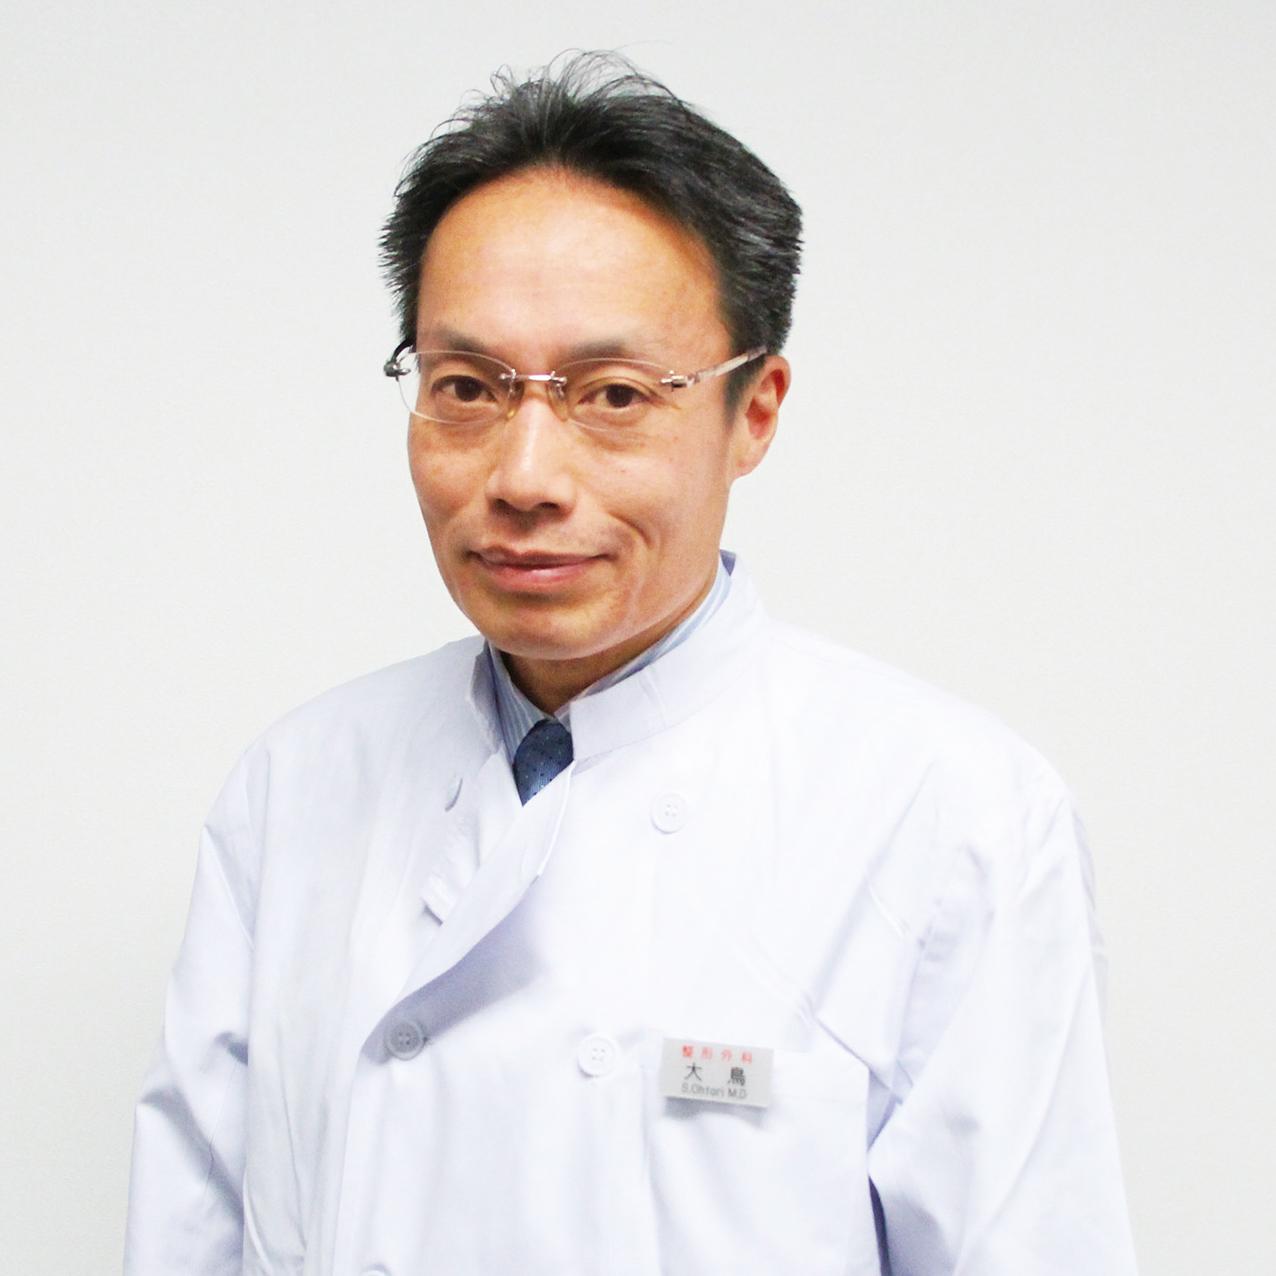 千葉大学大学院 医学研究院 整形外科学 自主性を重んじて教室の存在感高める